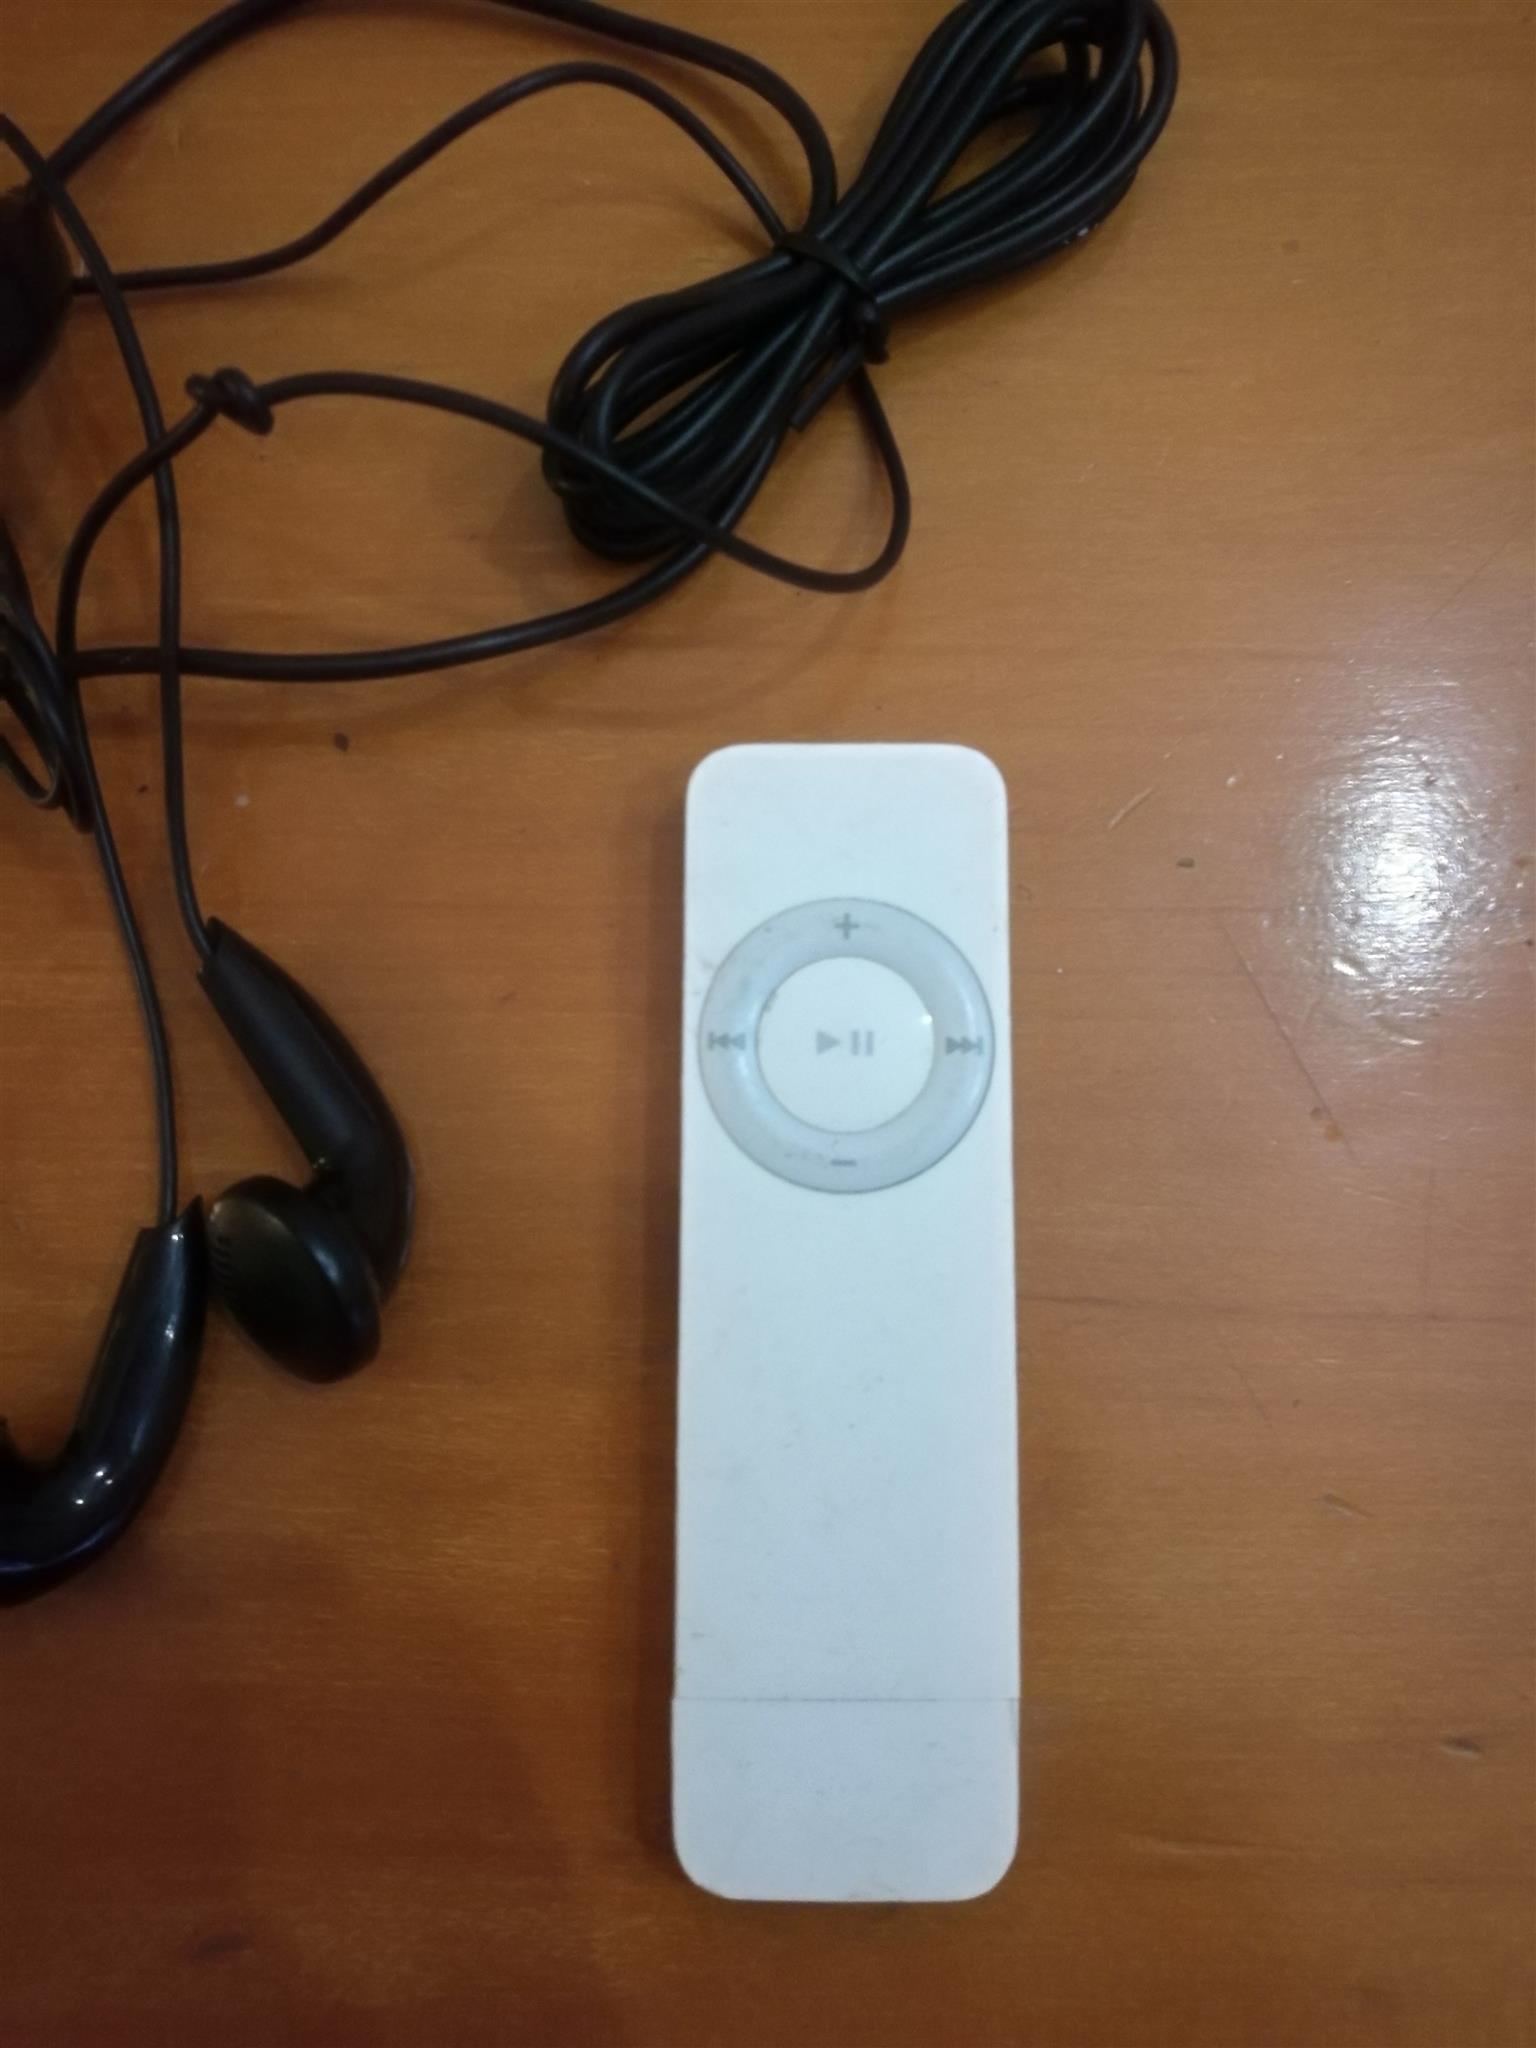 The original Ipod Shuffle (1st gen) 1GB